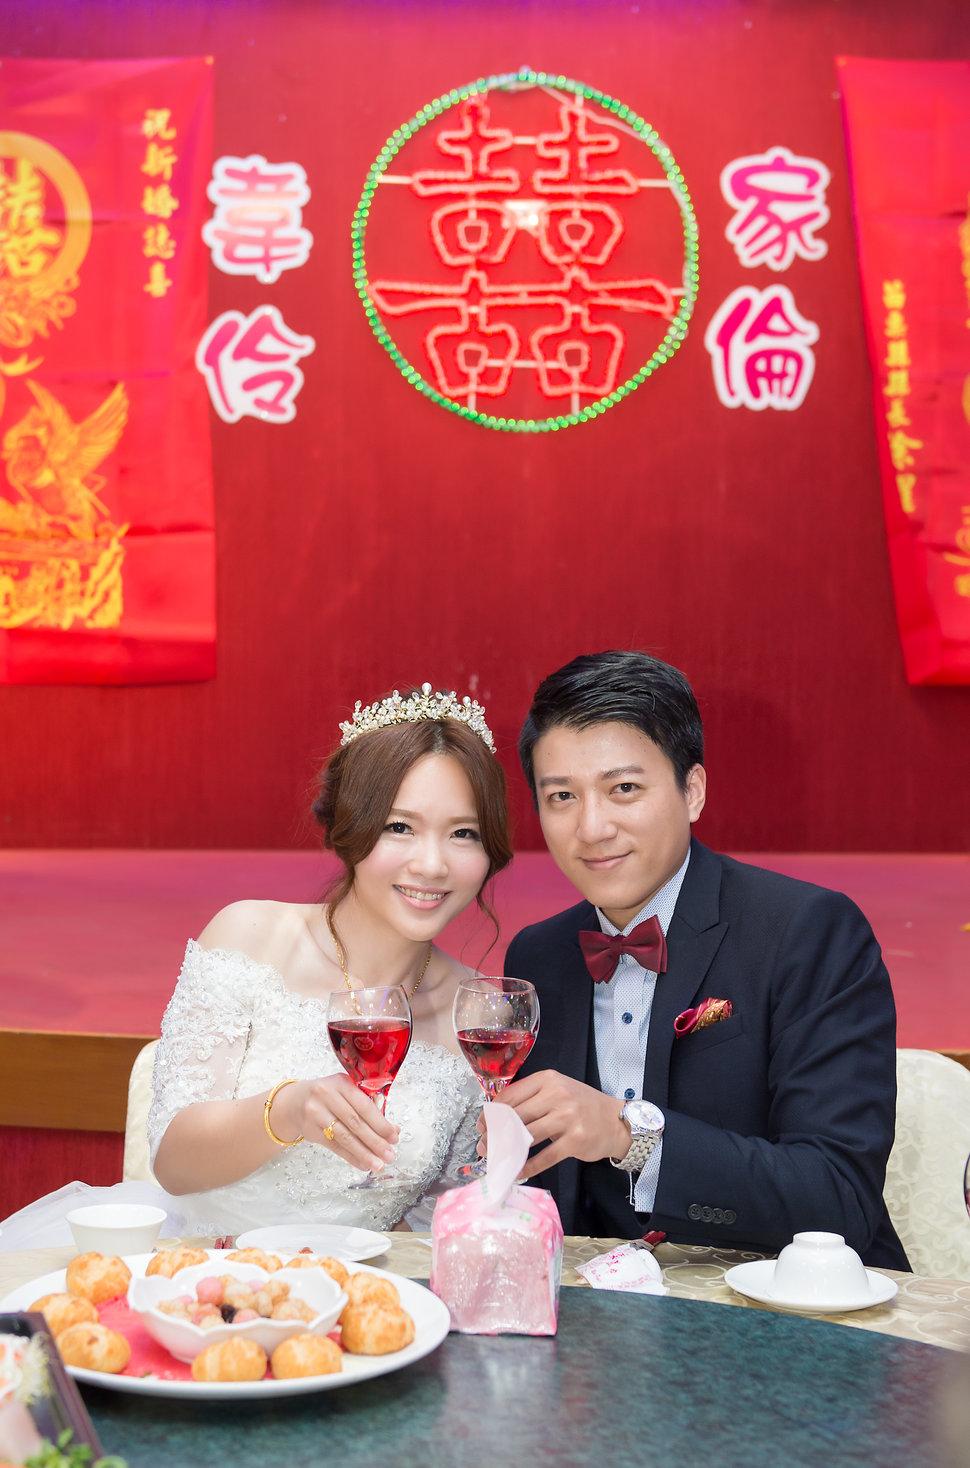 [婚禮紀錄] 結婚午宴@苗栗台灣水牛城(編號:432118) - Allen影像團隊 Love Story - 結婚吧